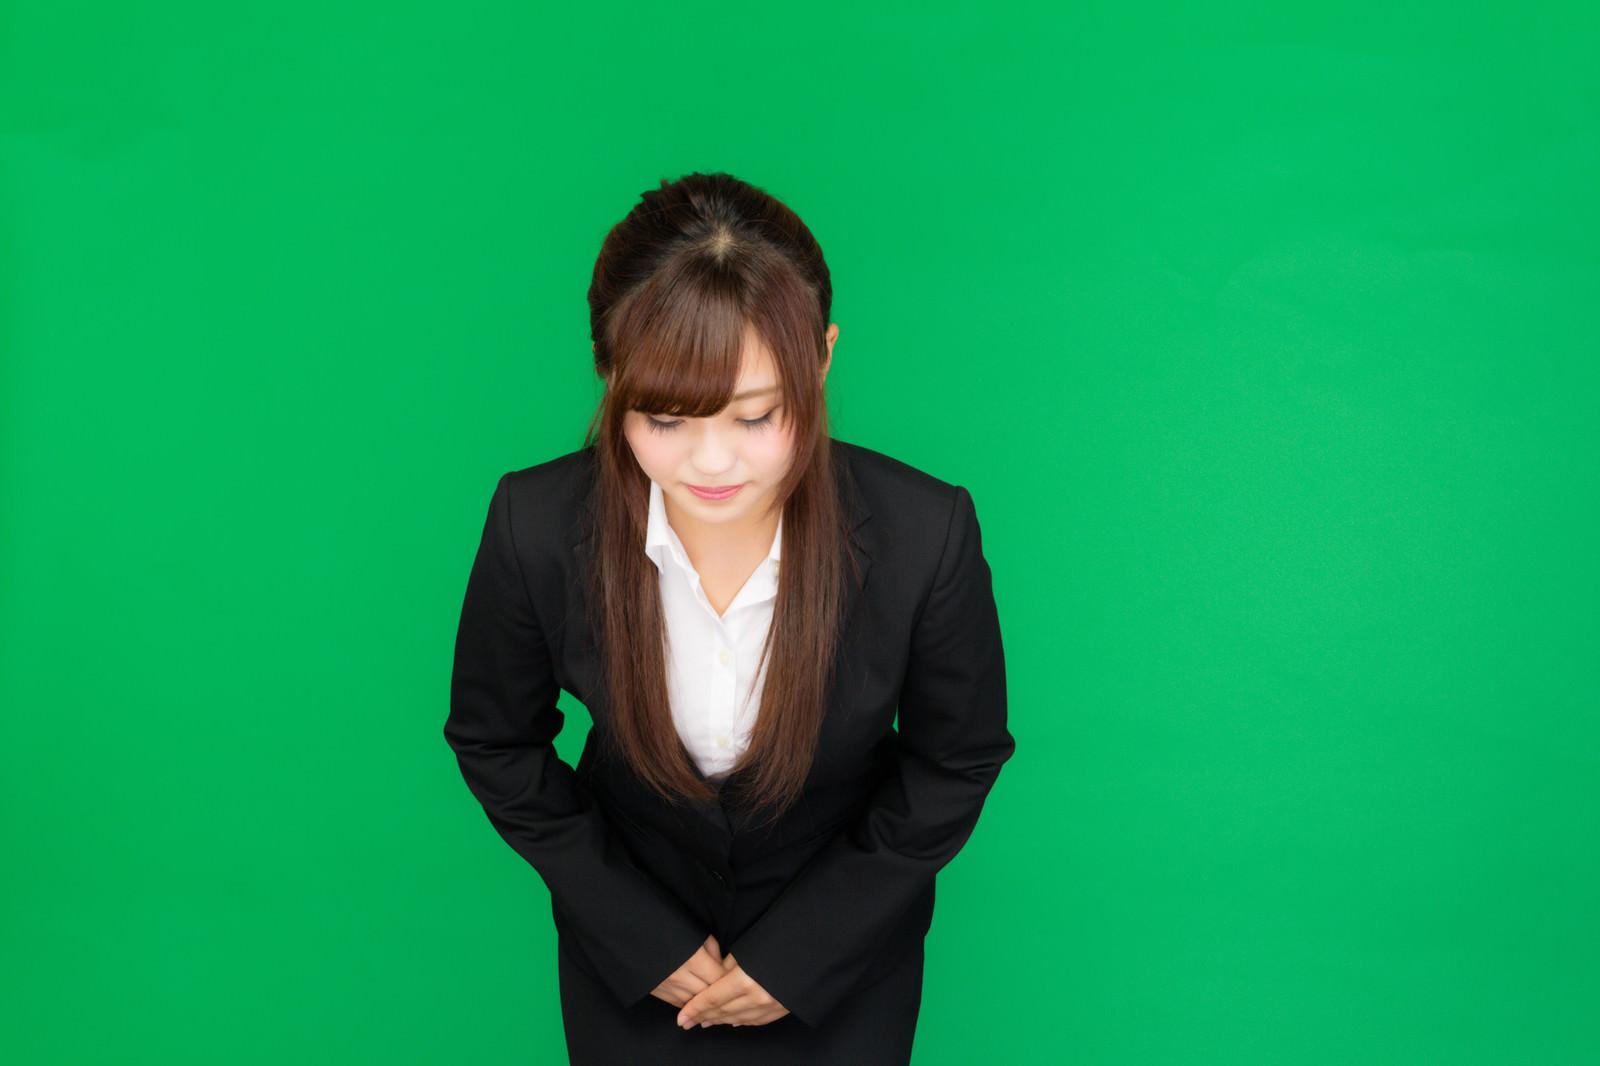 「お辞儀をする女性(グリーンバック)お辞儀をする女性(グリーンバック)」[モデル:河村友歌]のフリー写真素材を拡大